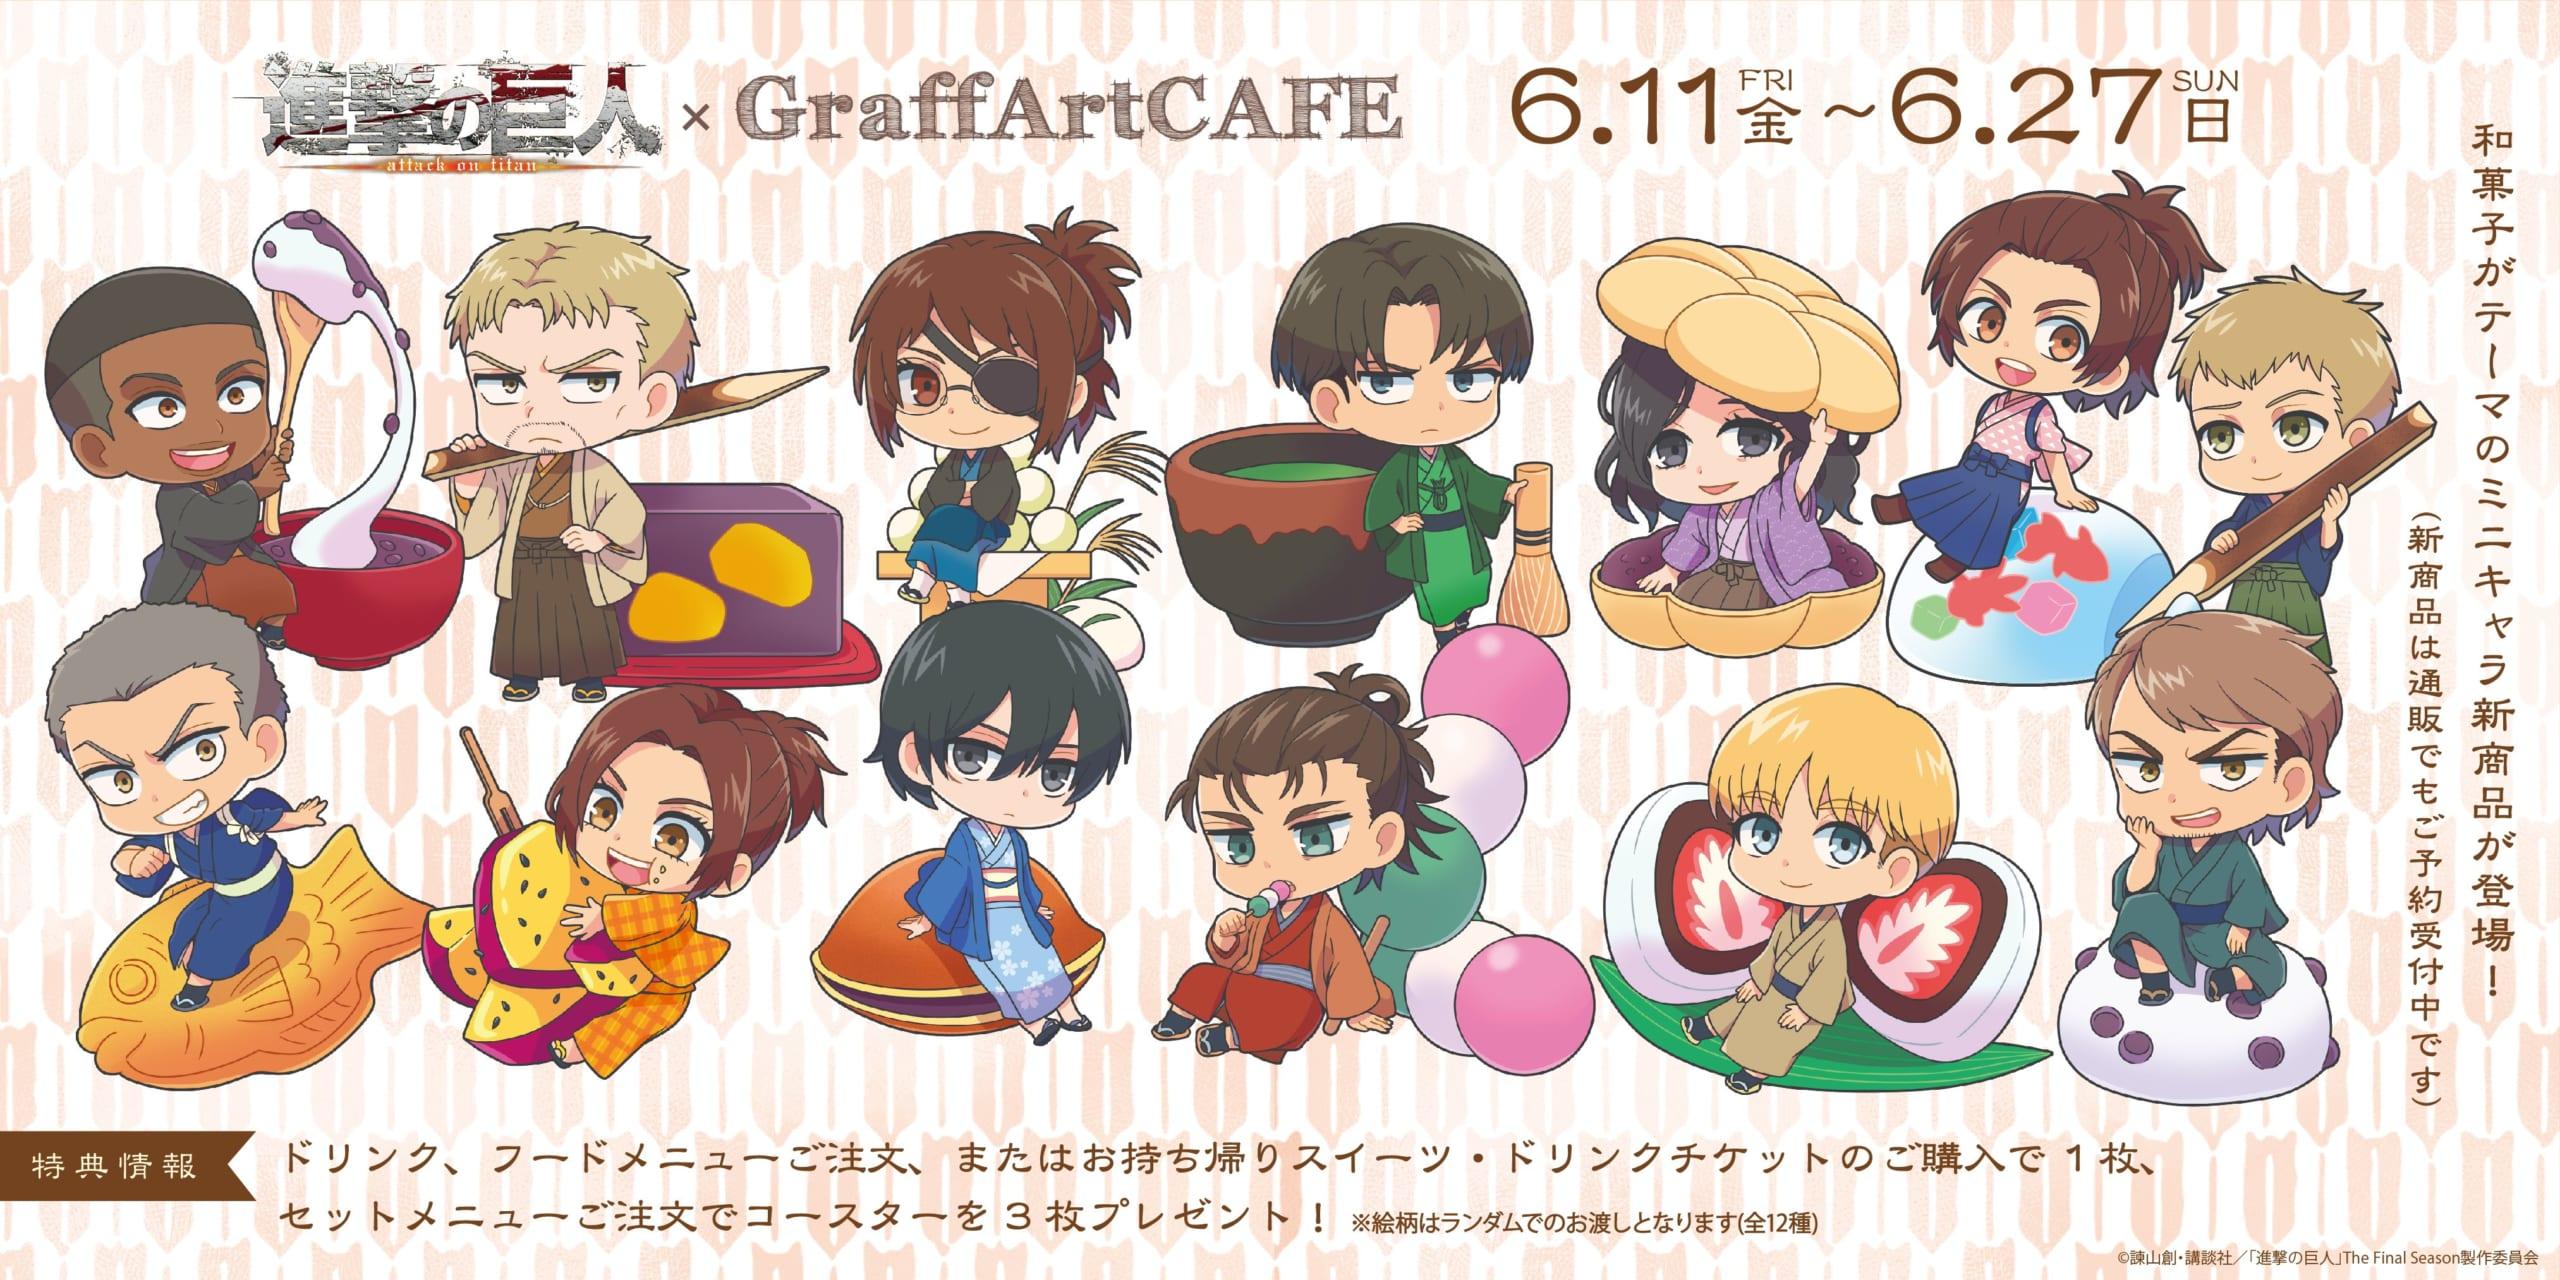 「進撃×GraffArt CAFE」5年後の調査兵団 &マーレ戦士が着物で和菓子を堪能!